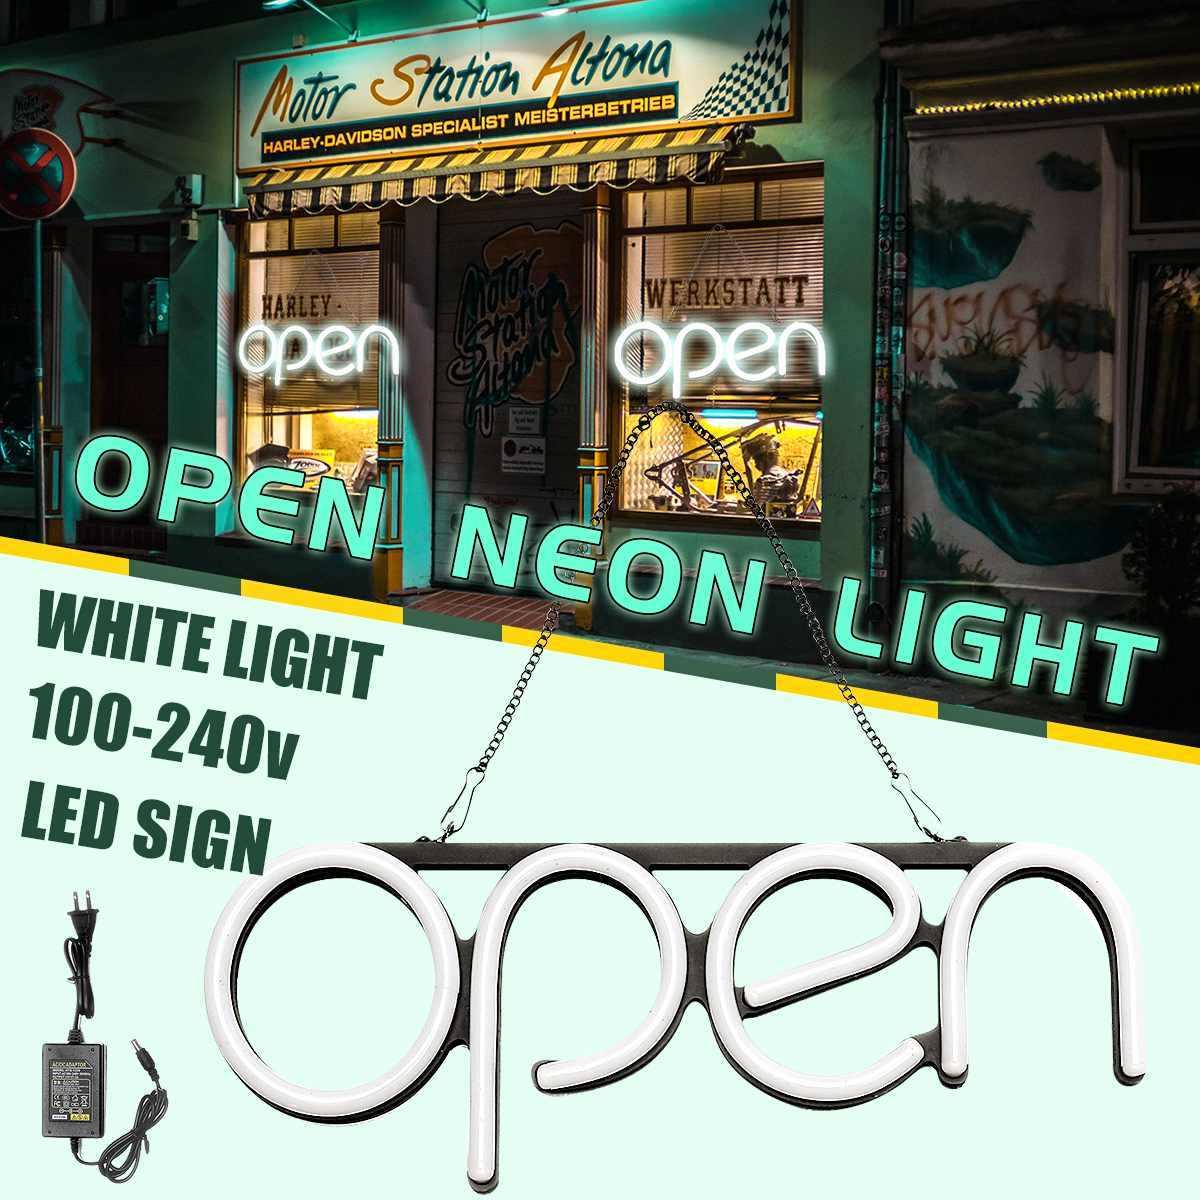 ABRA Neon Sign Bar Pub Exibição Luz Neon Partido Lâmpada Parede Da Sala de Casa Decoração Publicidade Iluminação Comercial 100-240V EUA Plug